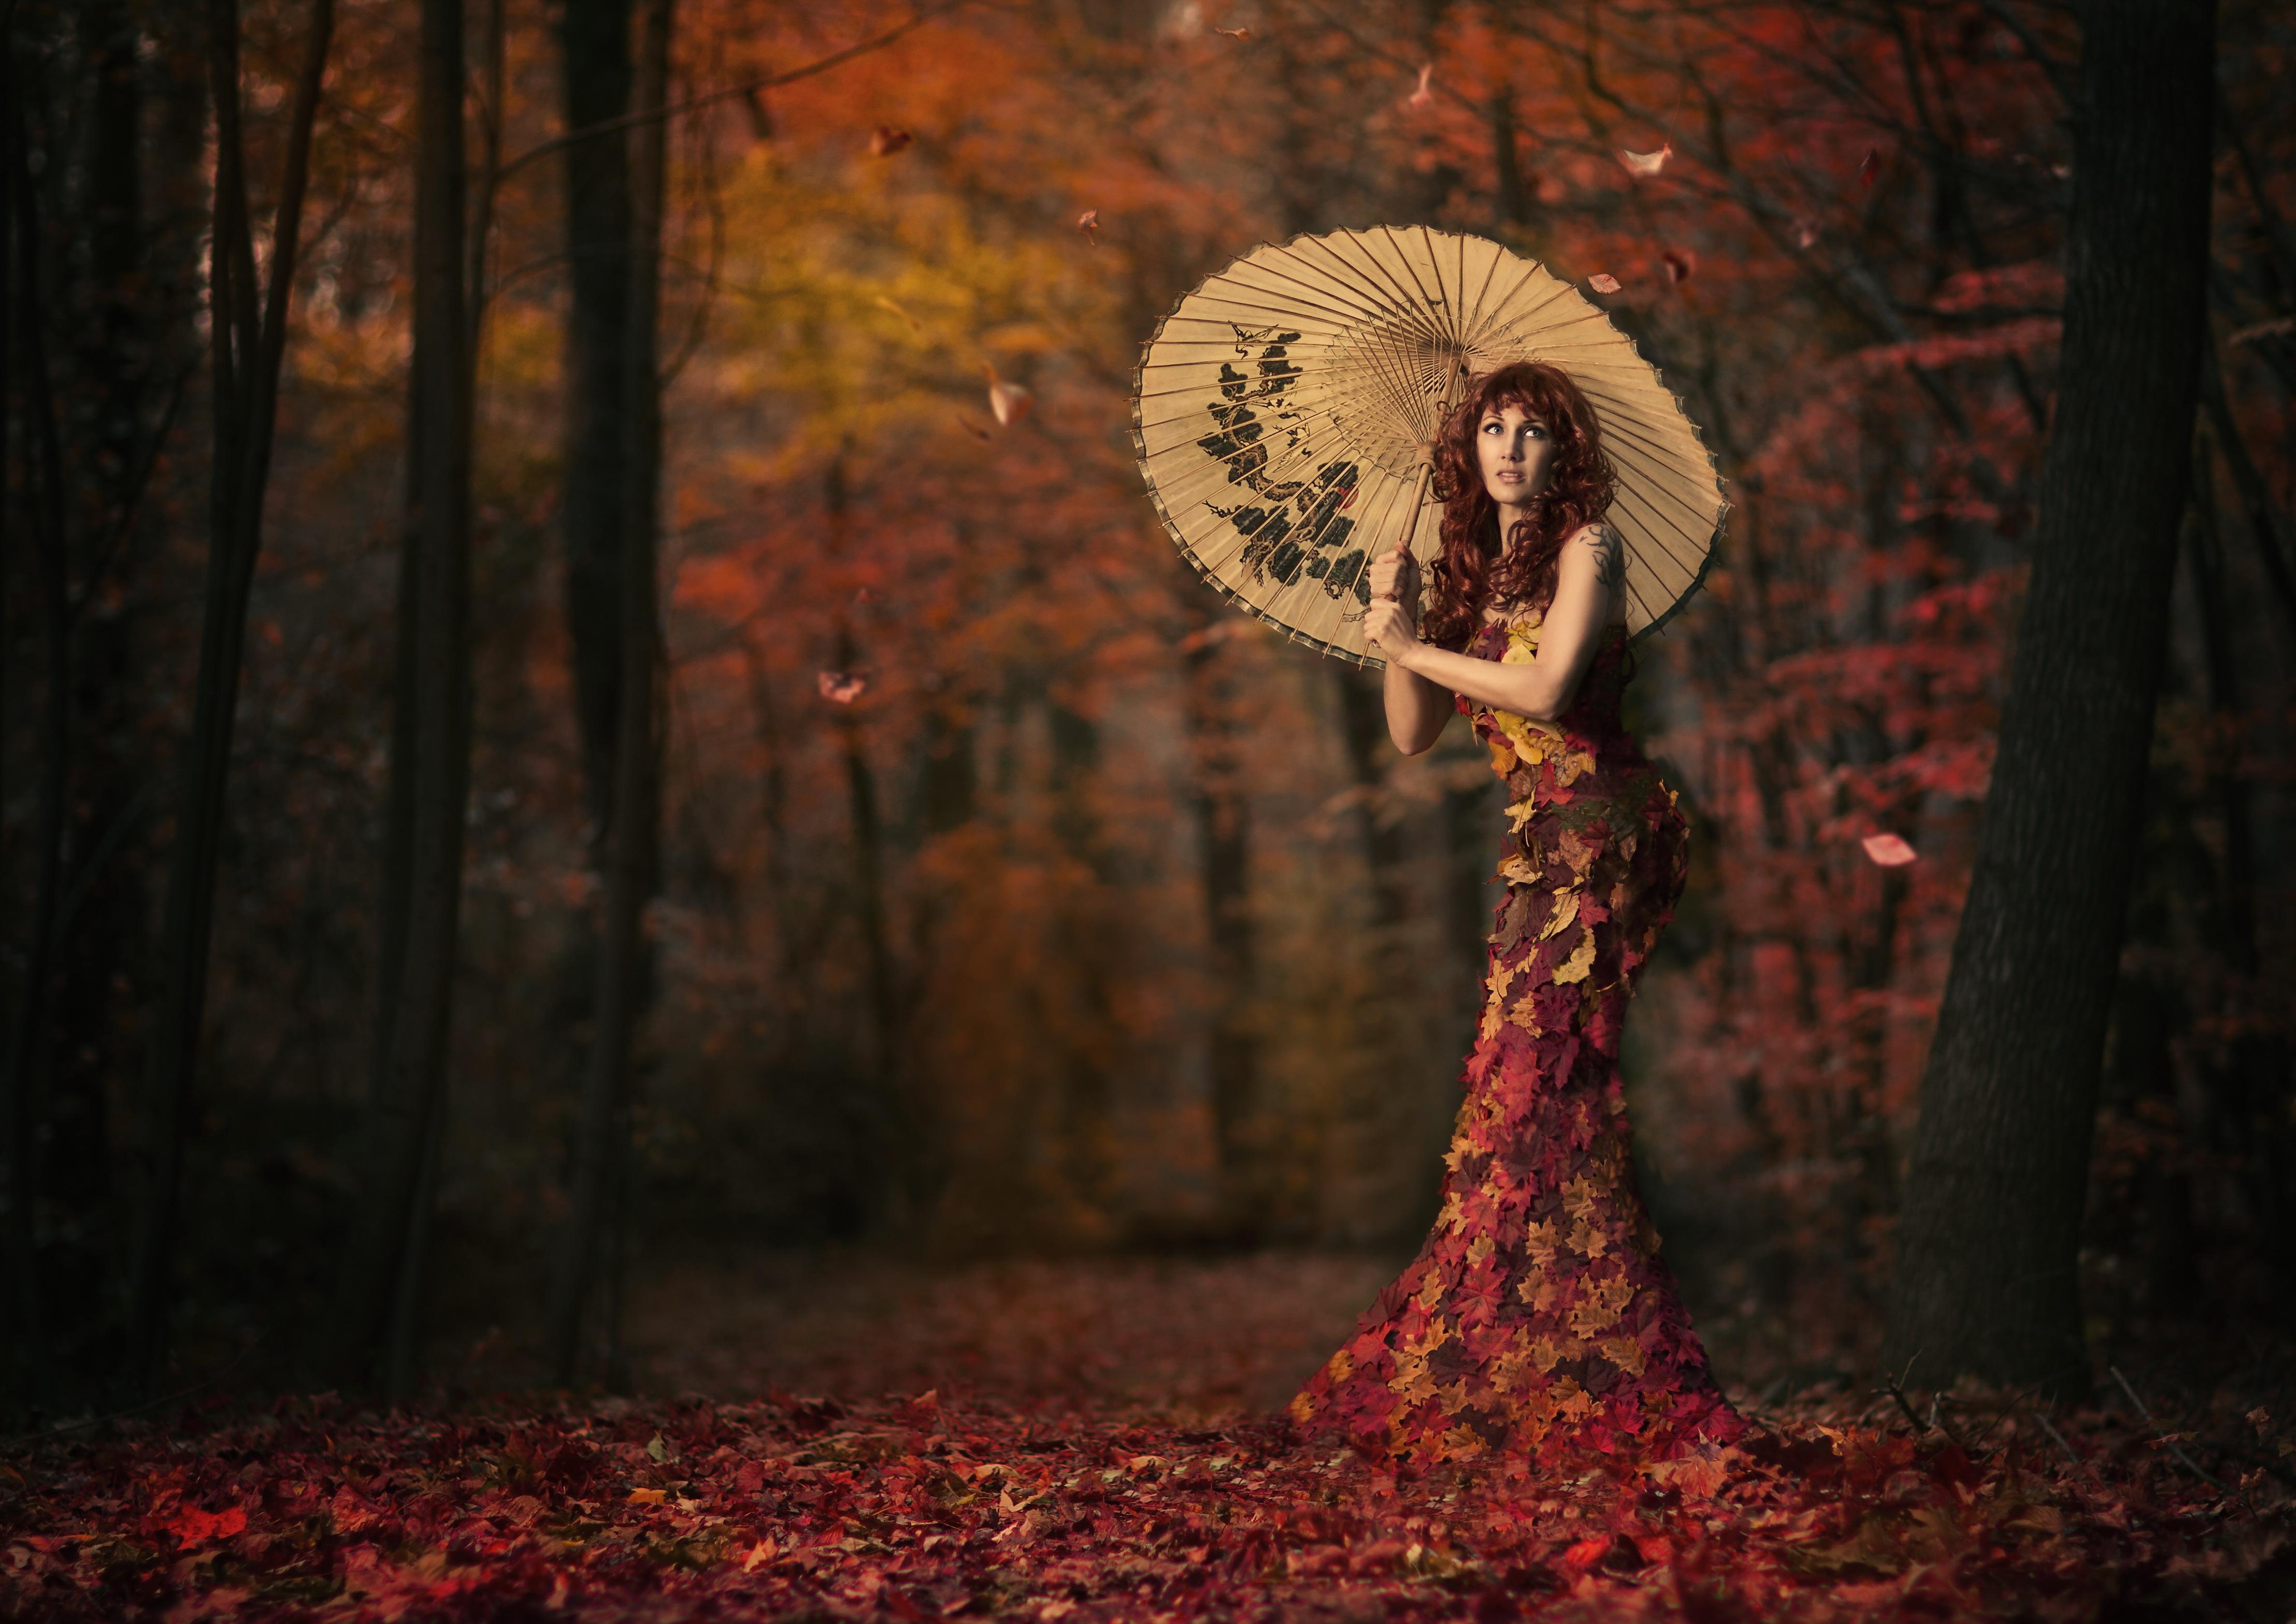 С зонтиком в лесу  № 3394171 без смс